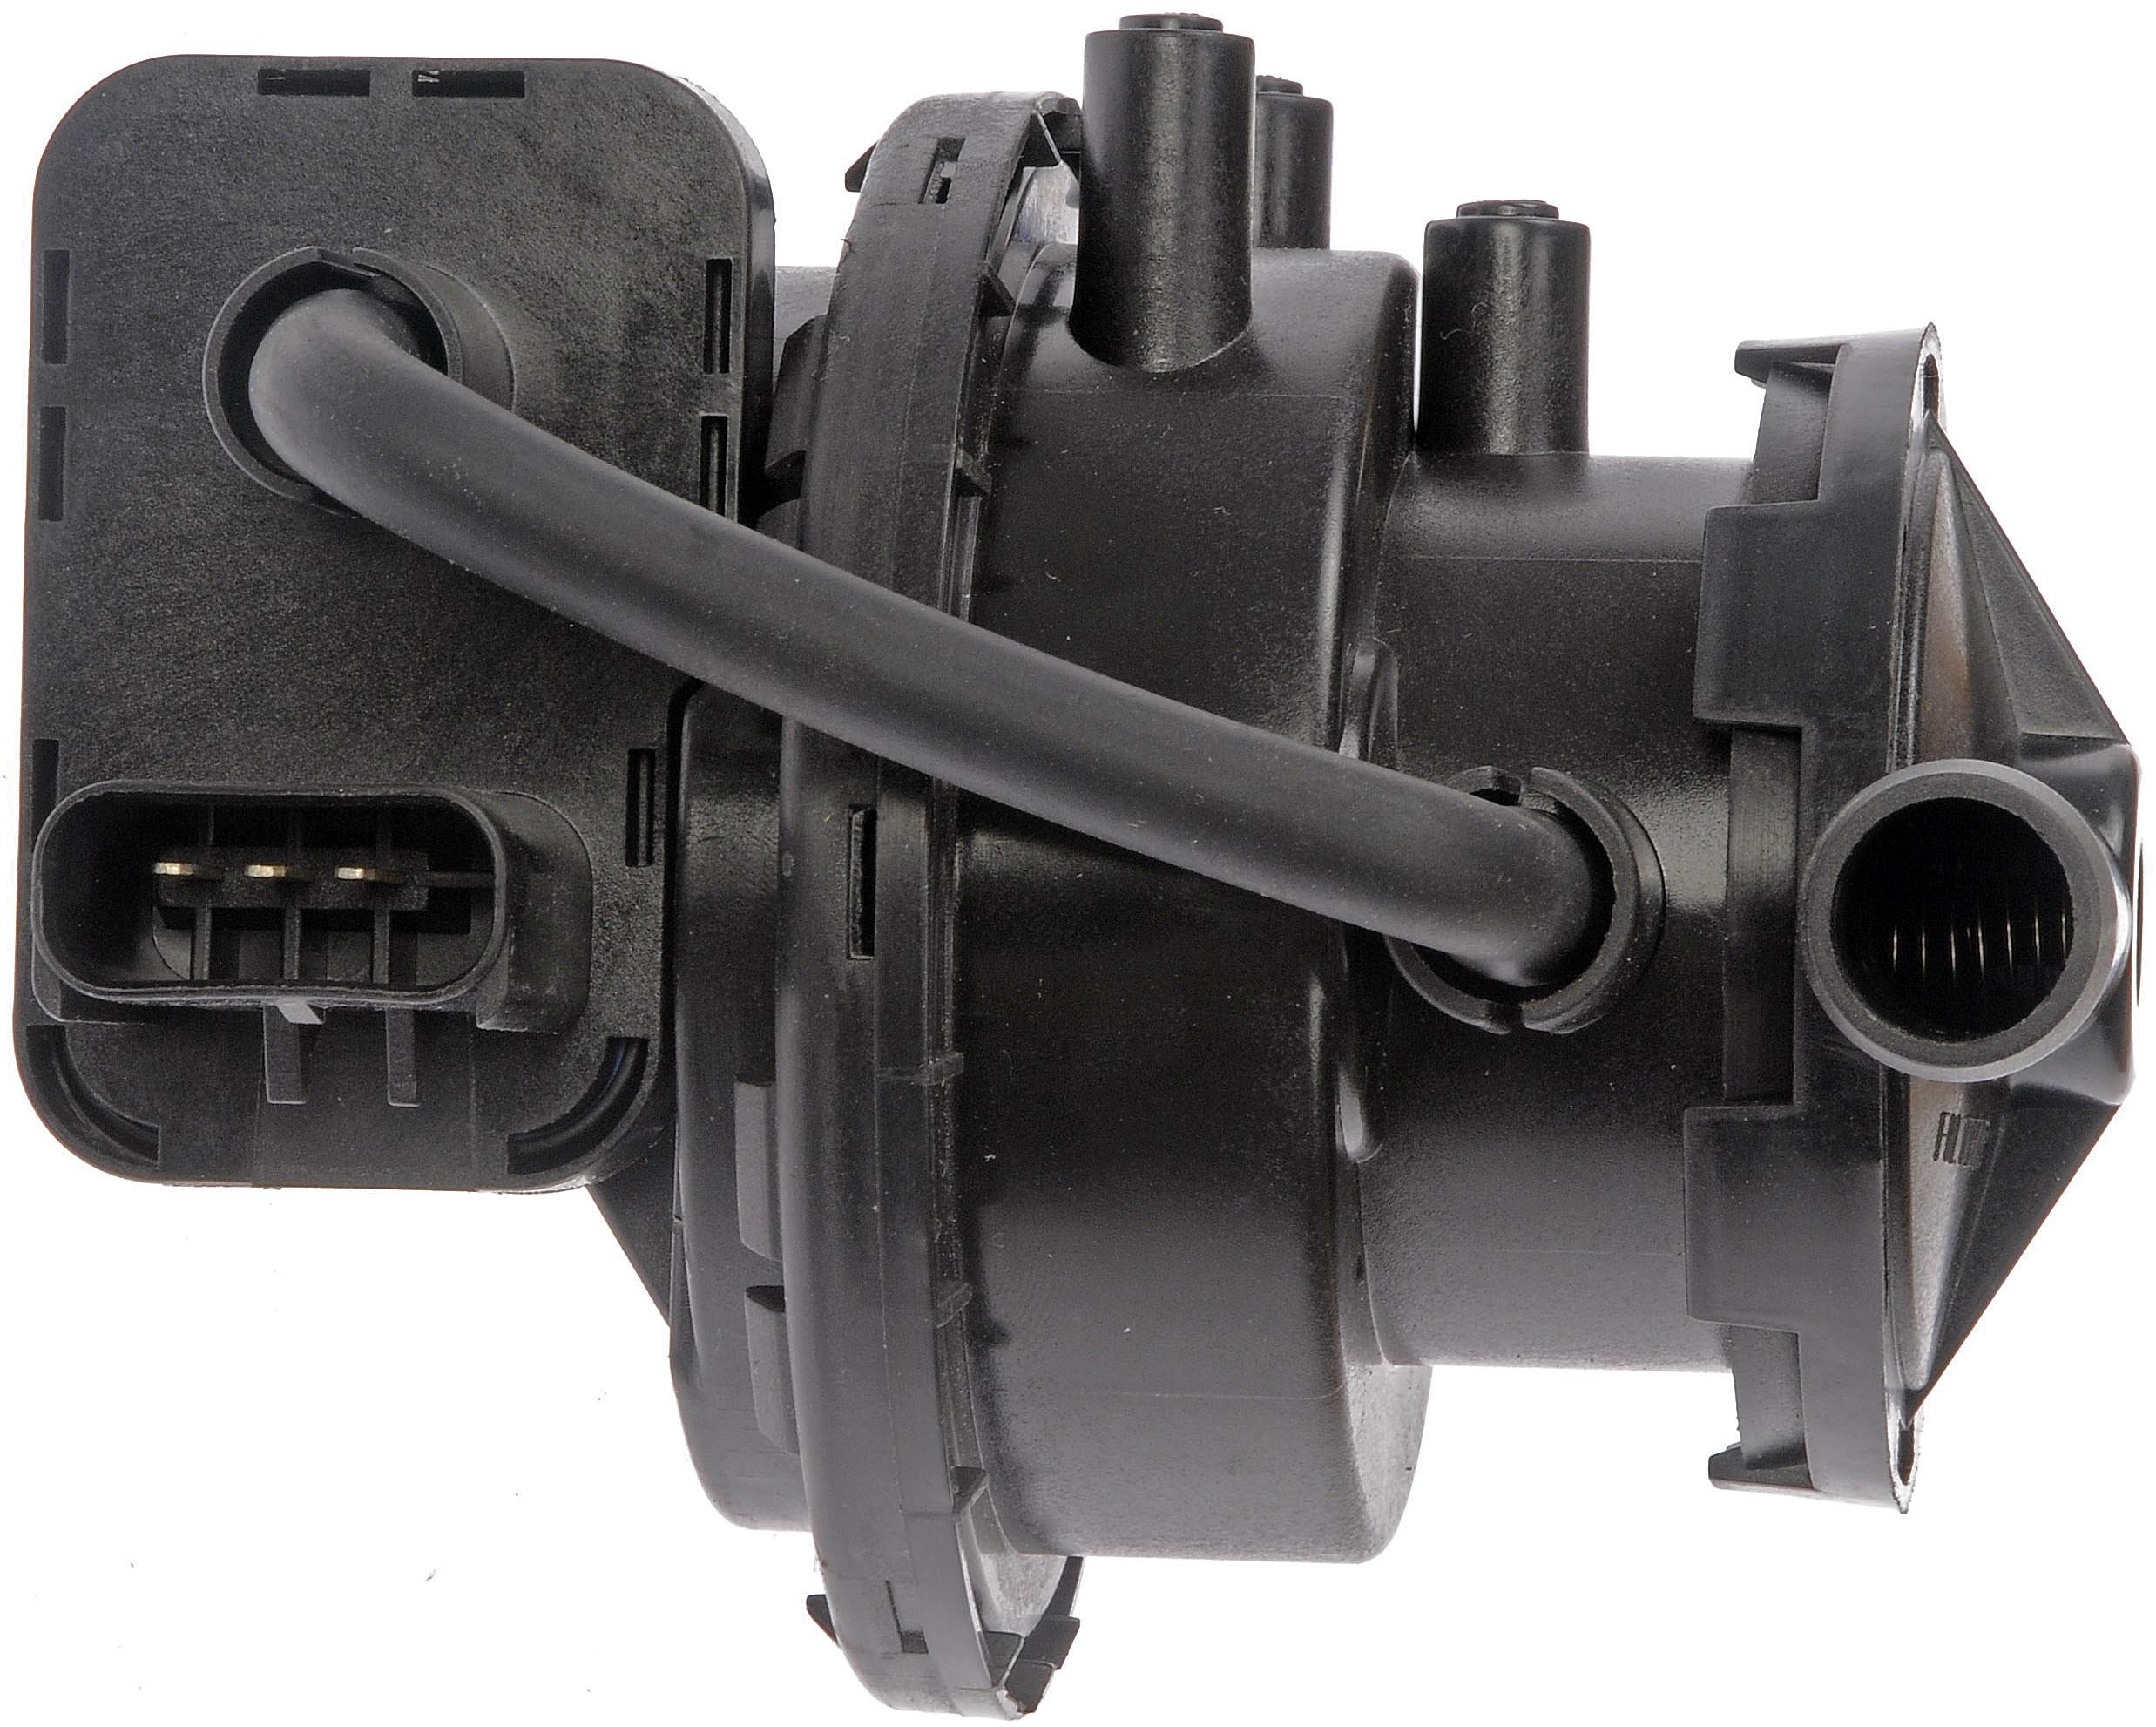 Dorman 310-207 Fuel Vapor Leak Detection Pump by Dorman (Image #3)